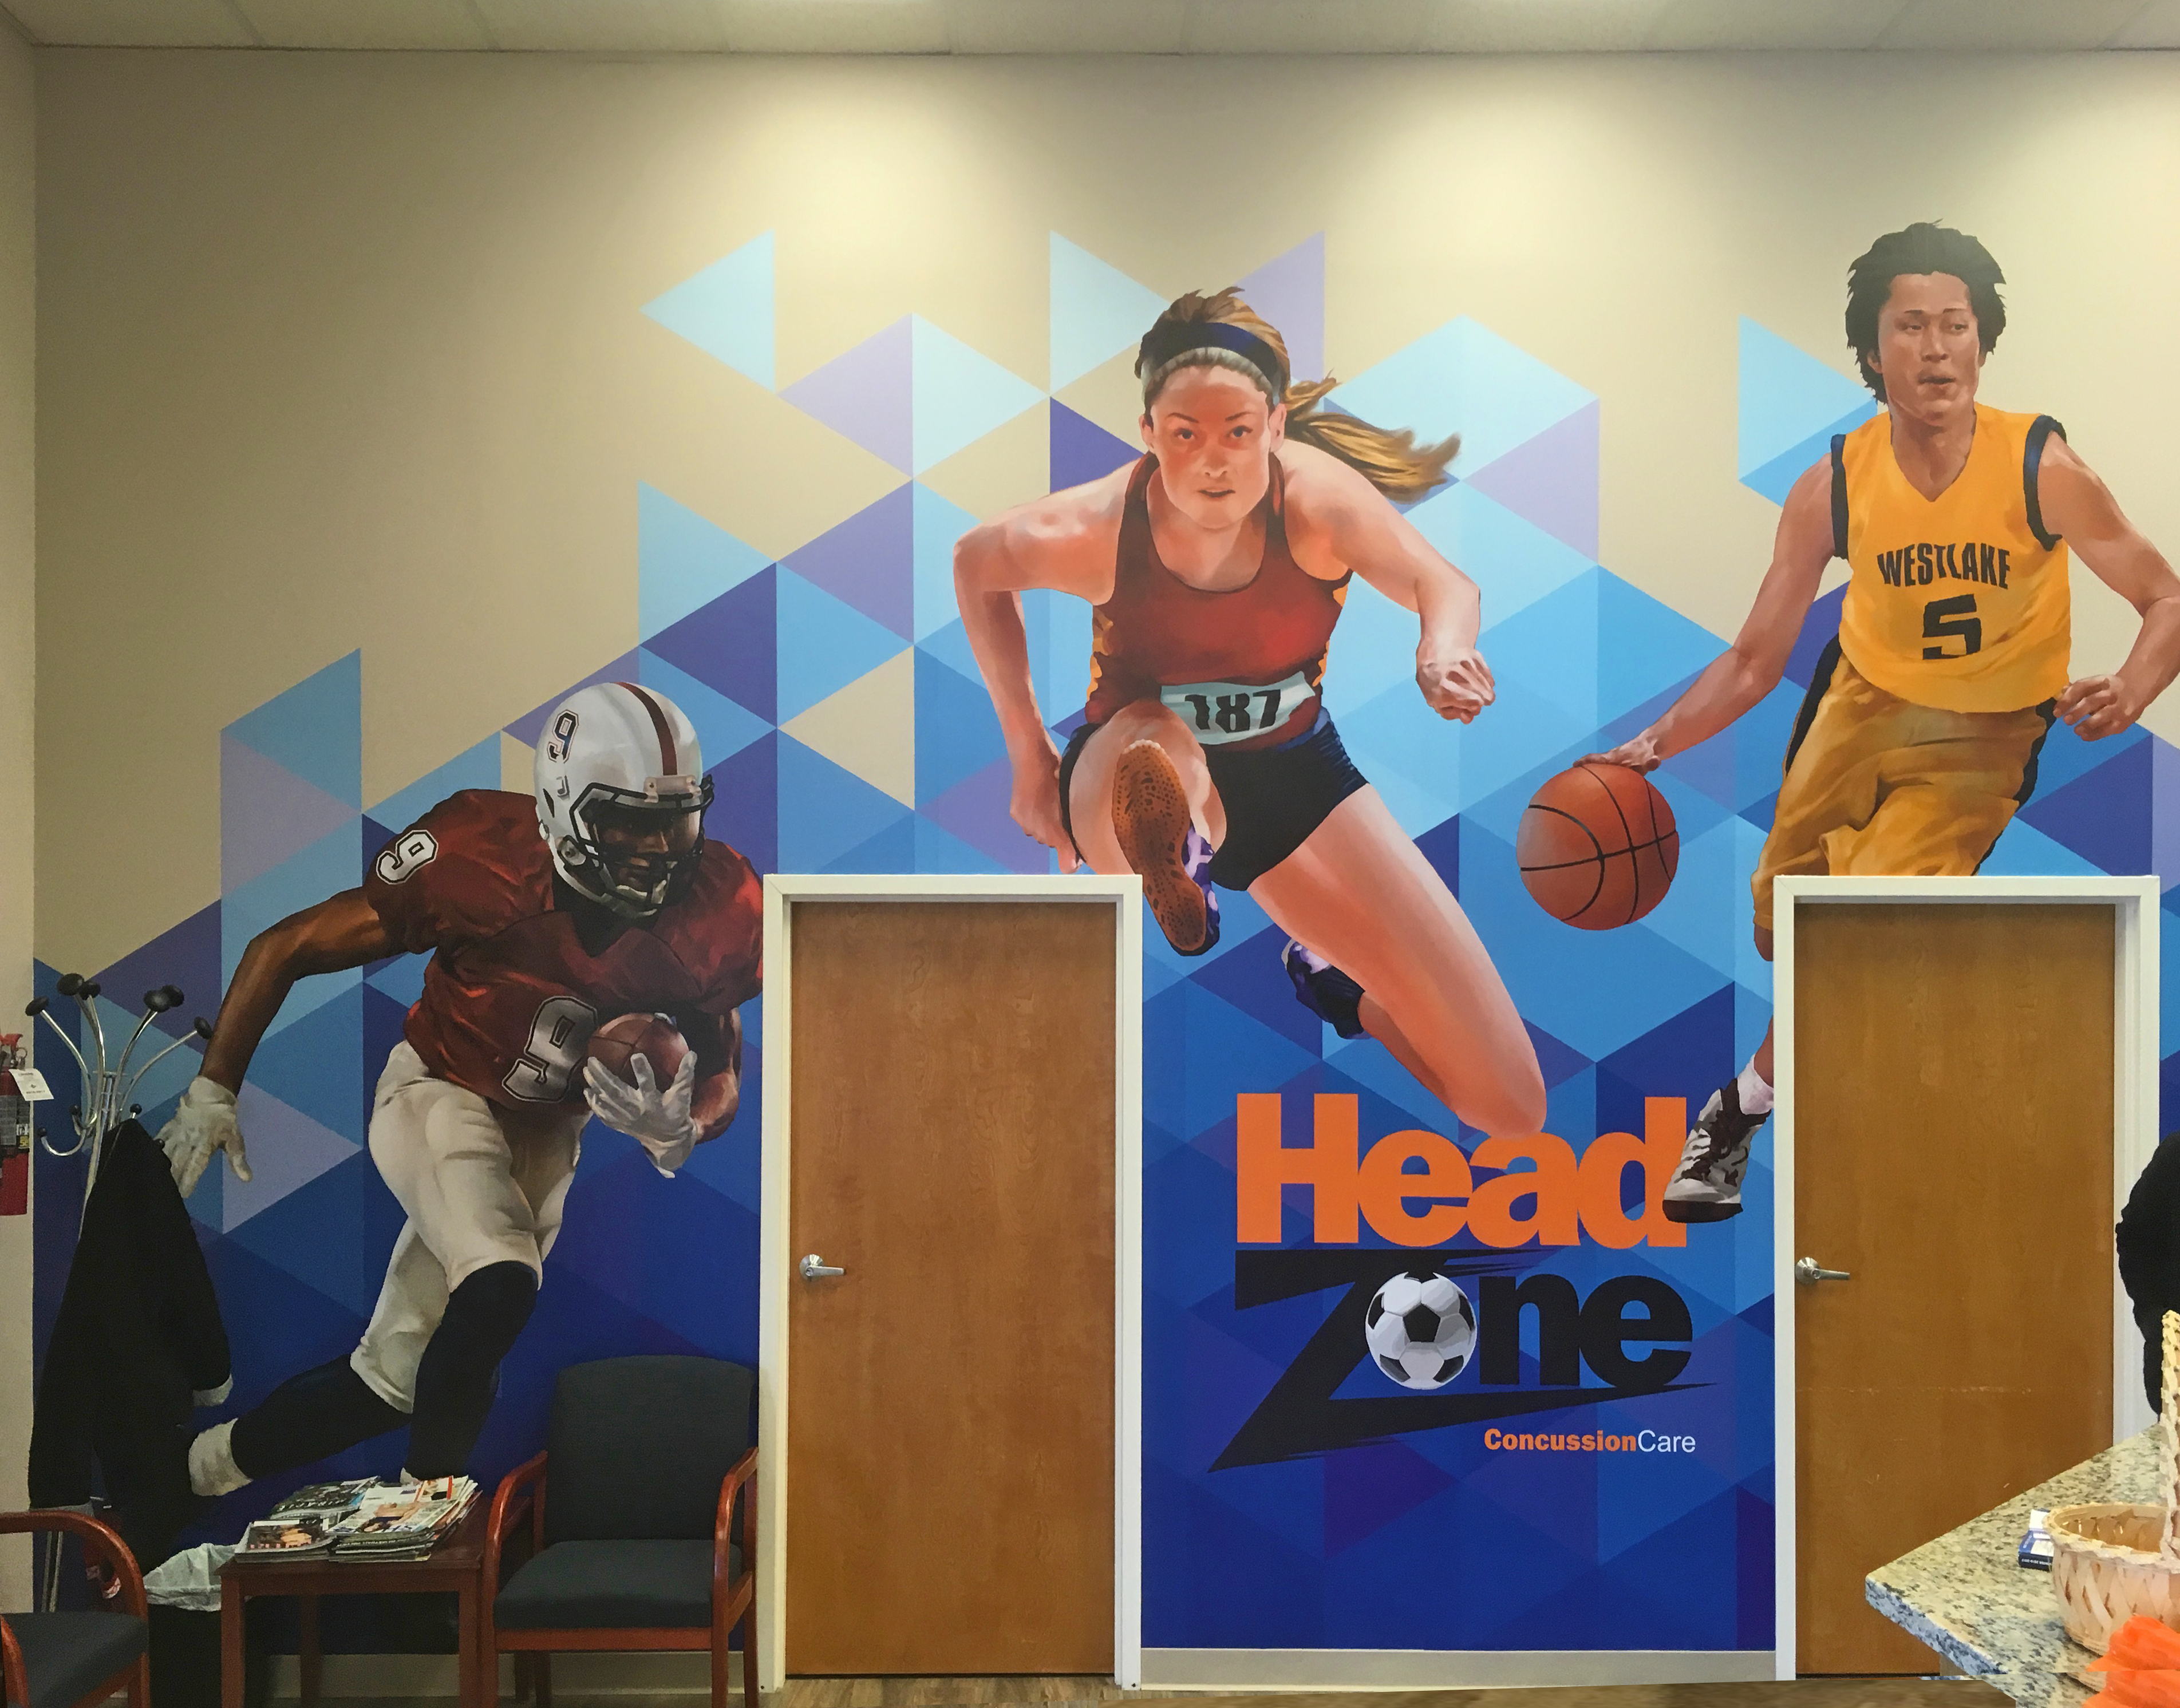 Headzone wall mural